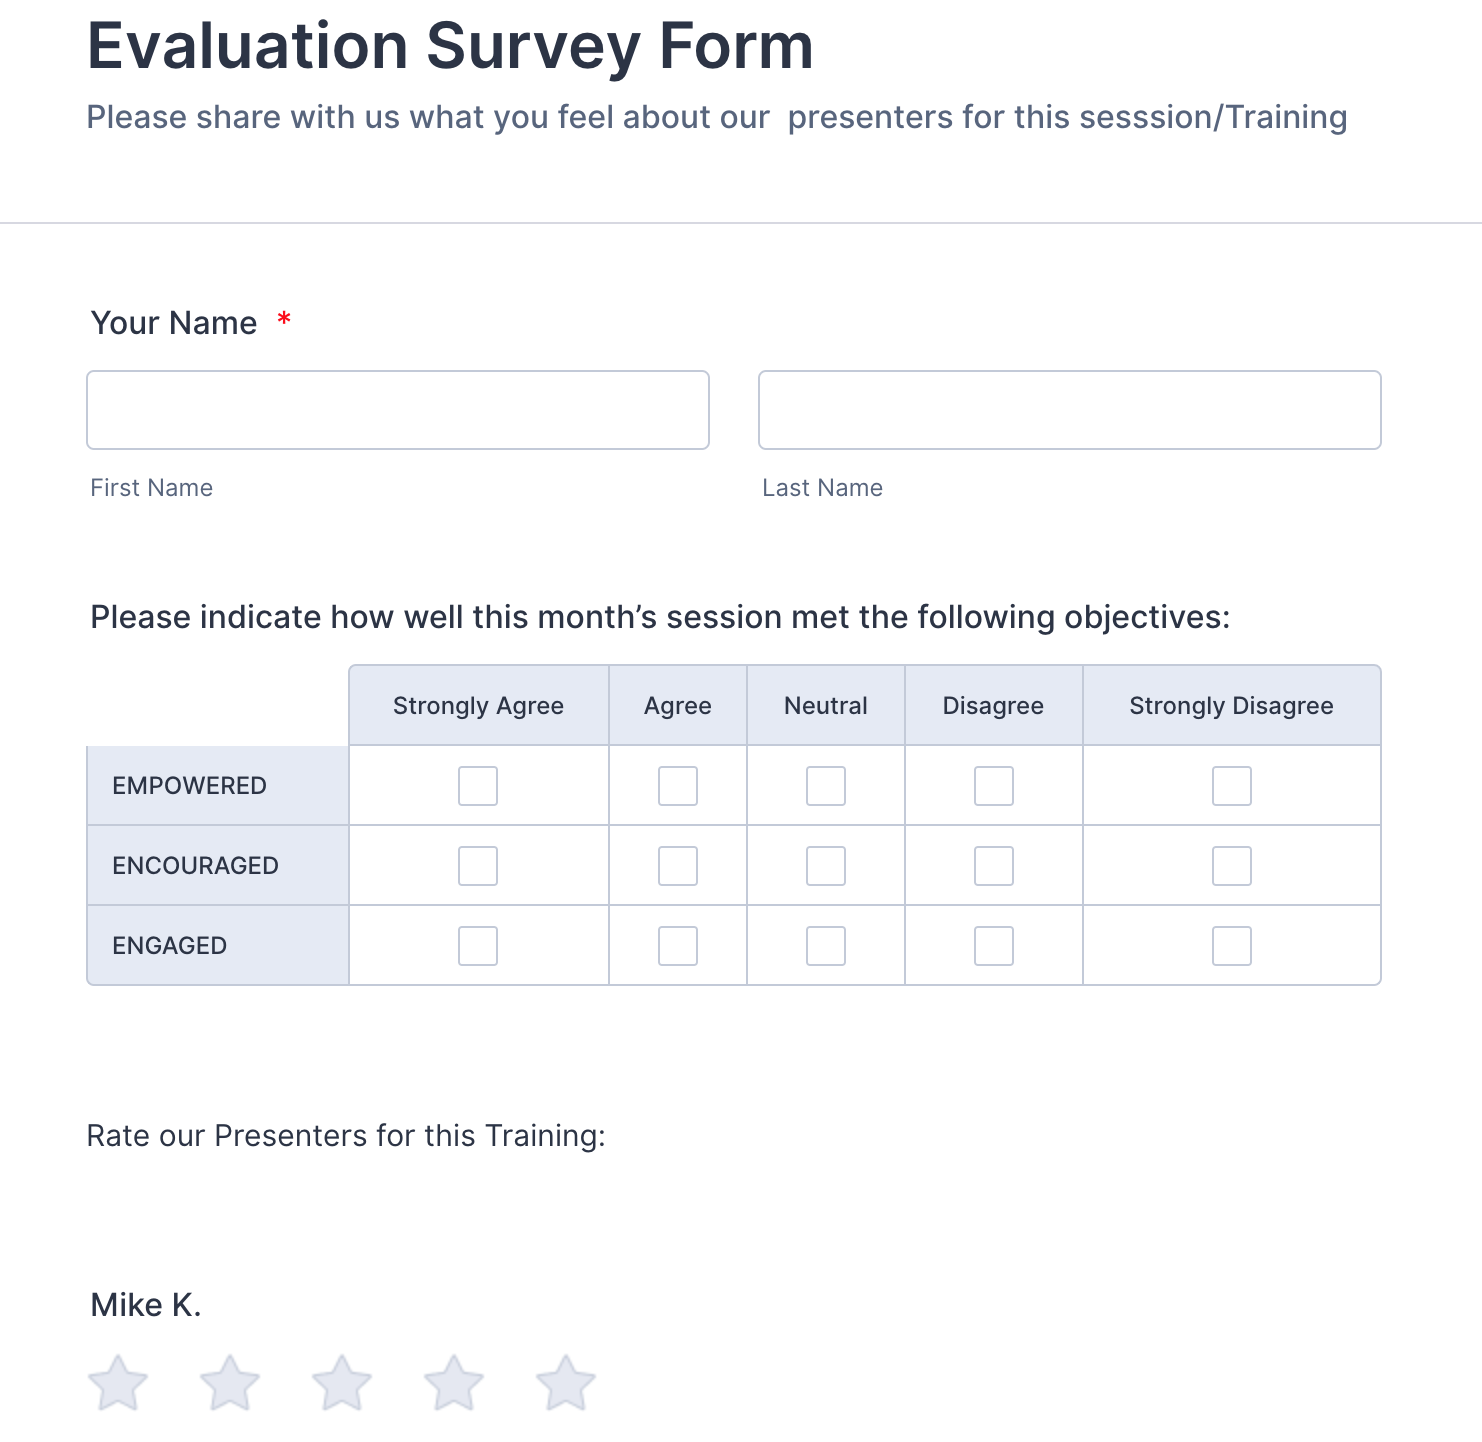 Evaluation Survey Form Template